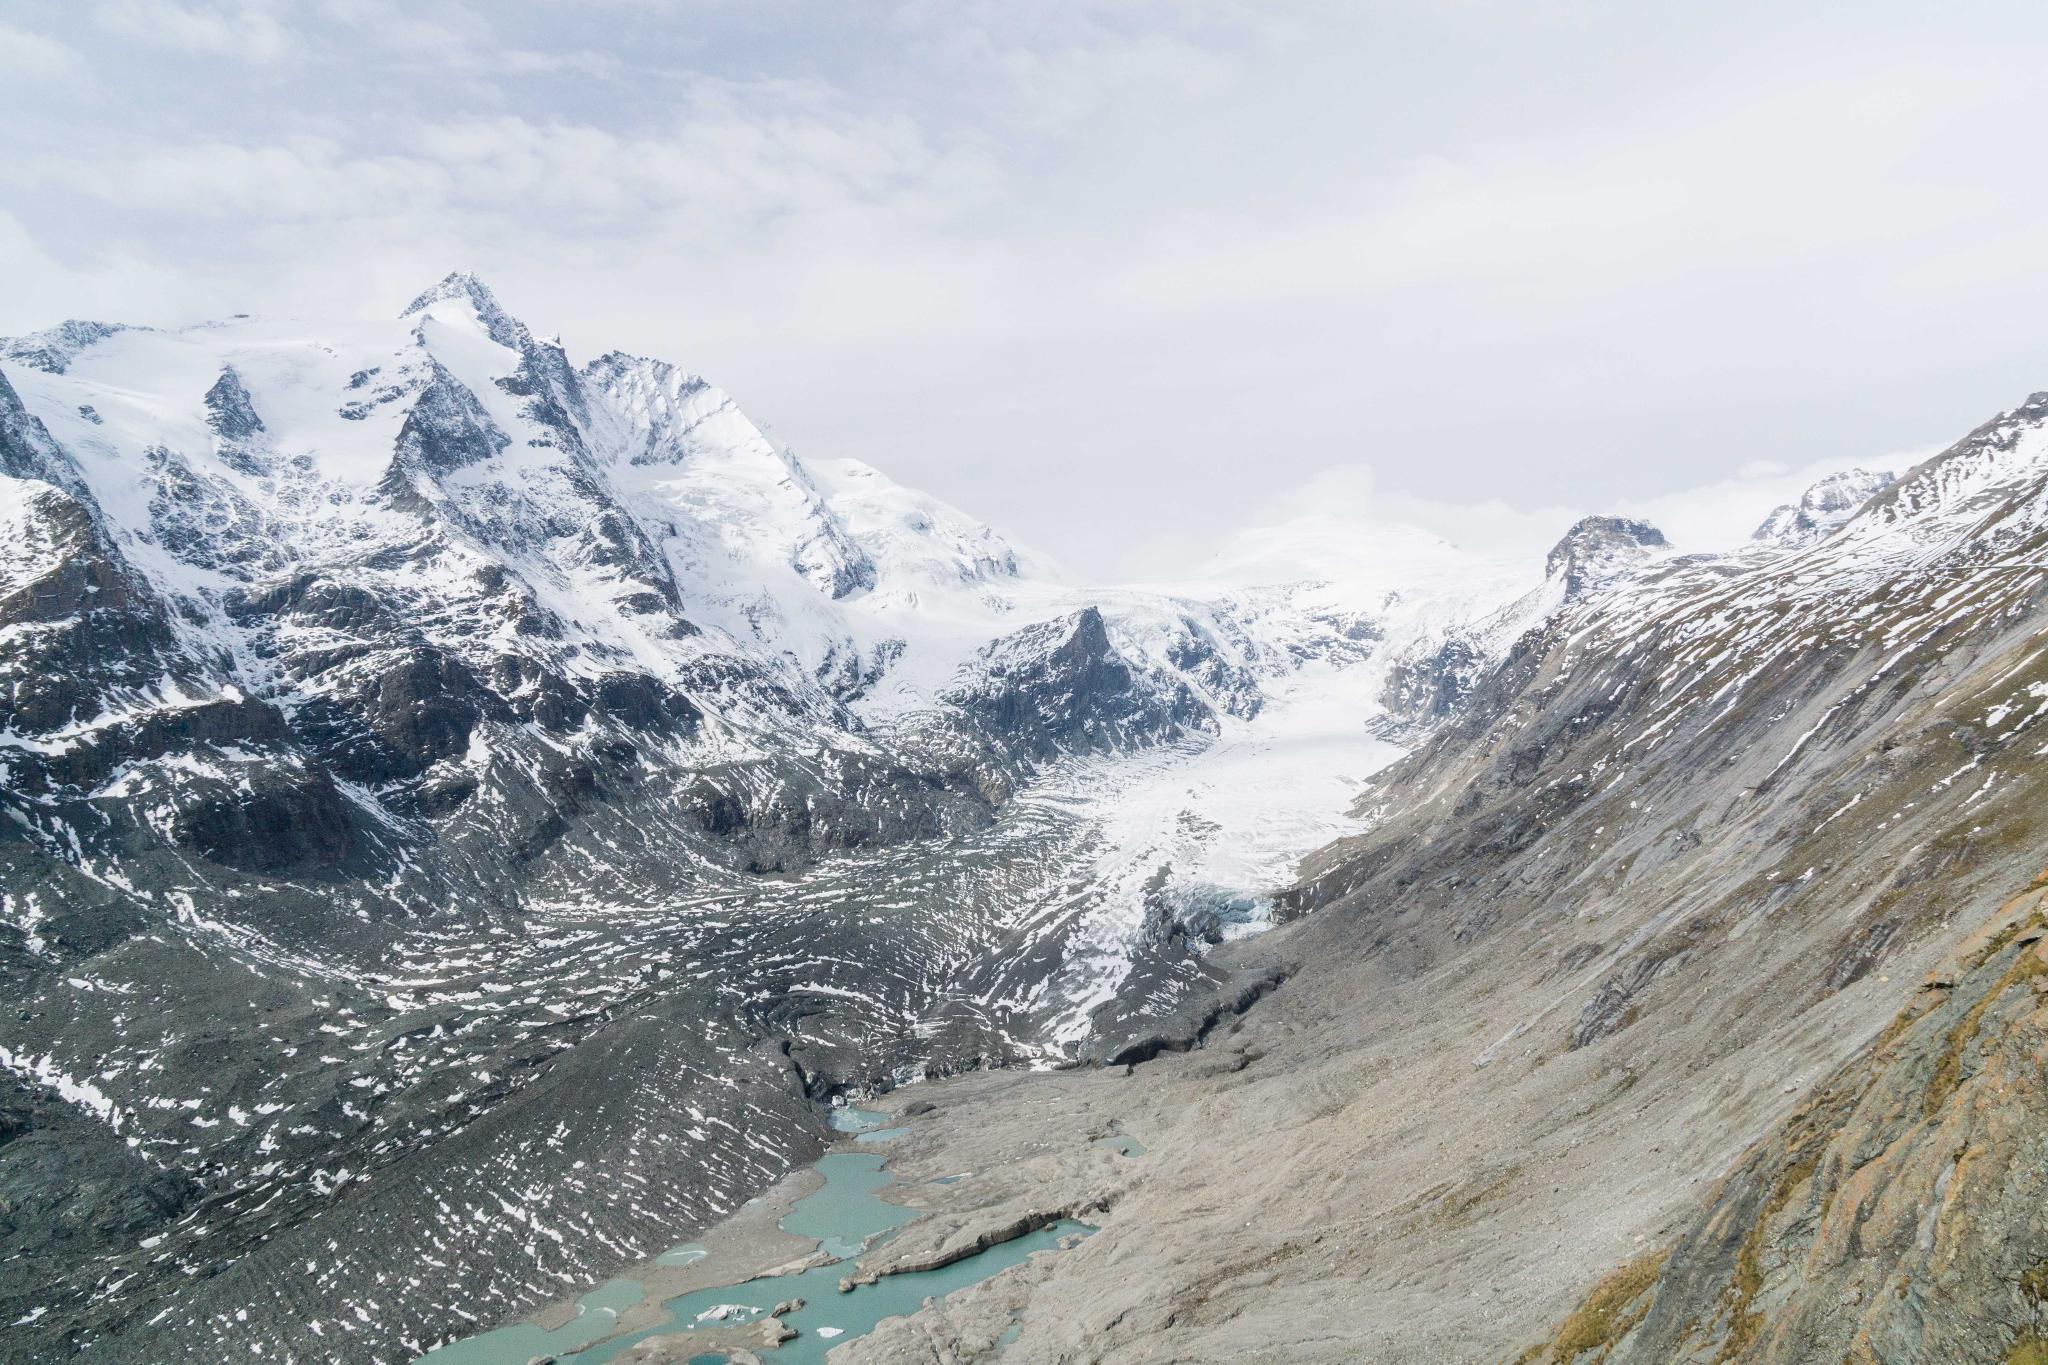 【奧地利】穿越阿爾卑斯之巔 — 奧地利大鐘山冰河公路 (Grossglockner High Alpine Road) 27